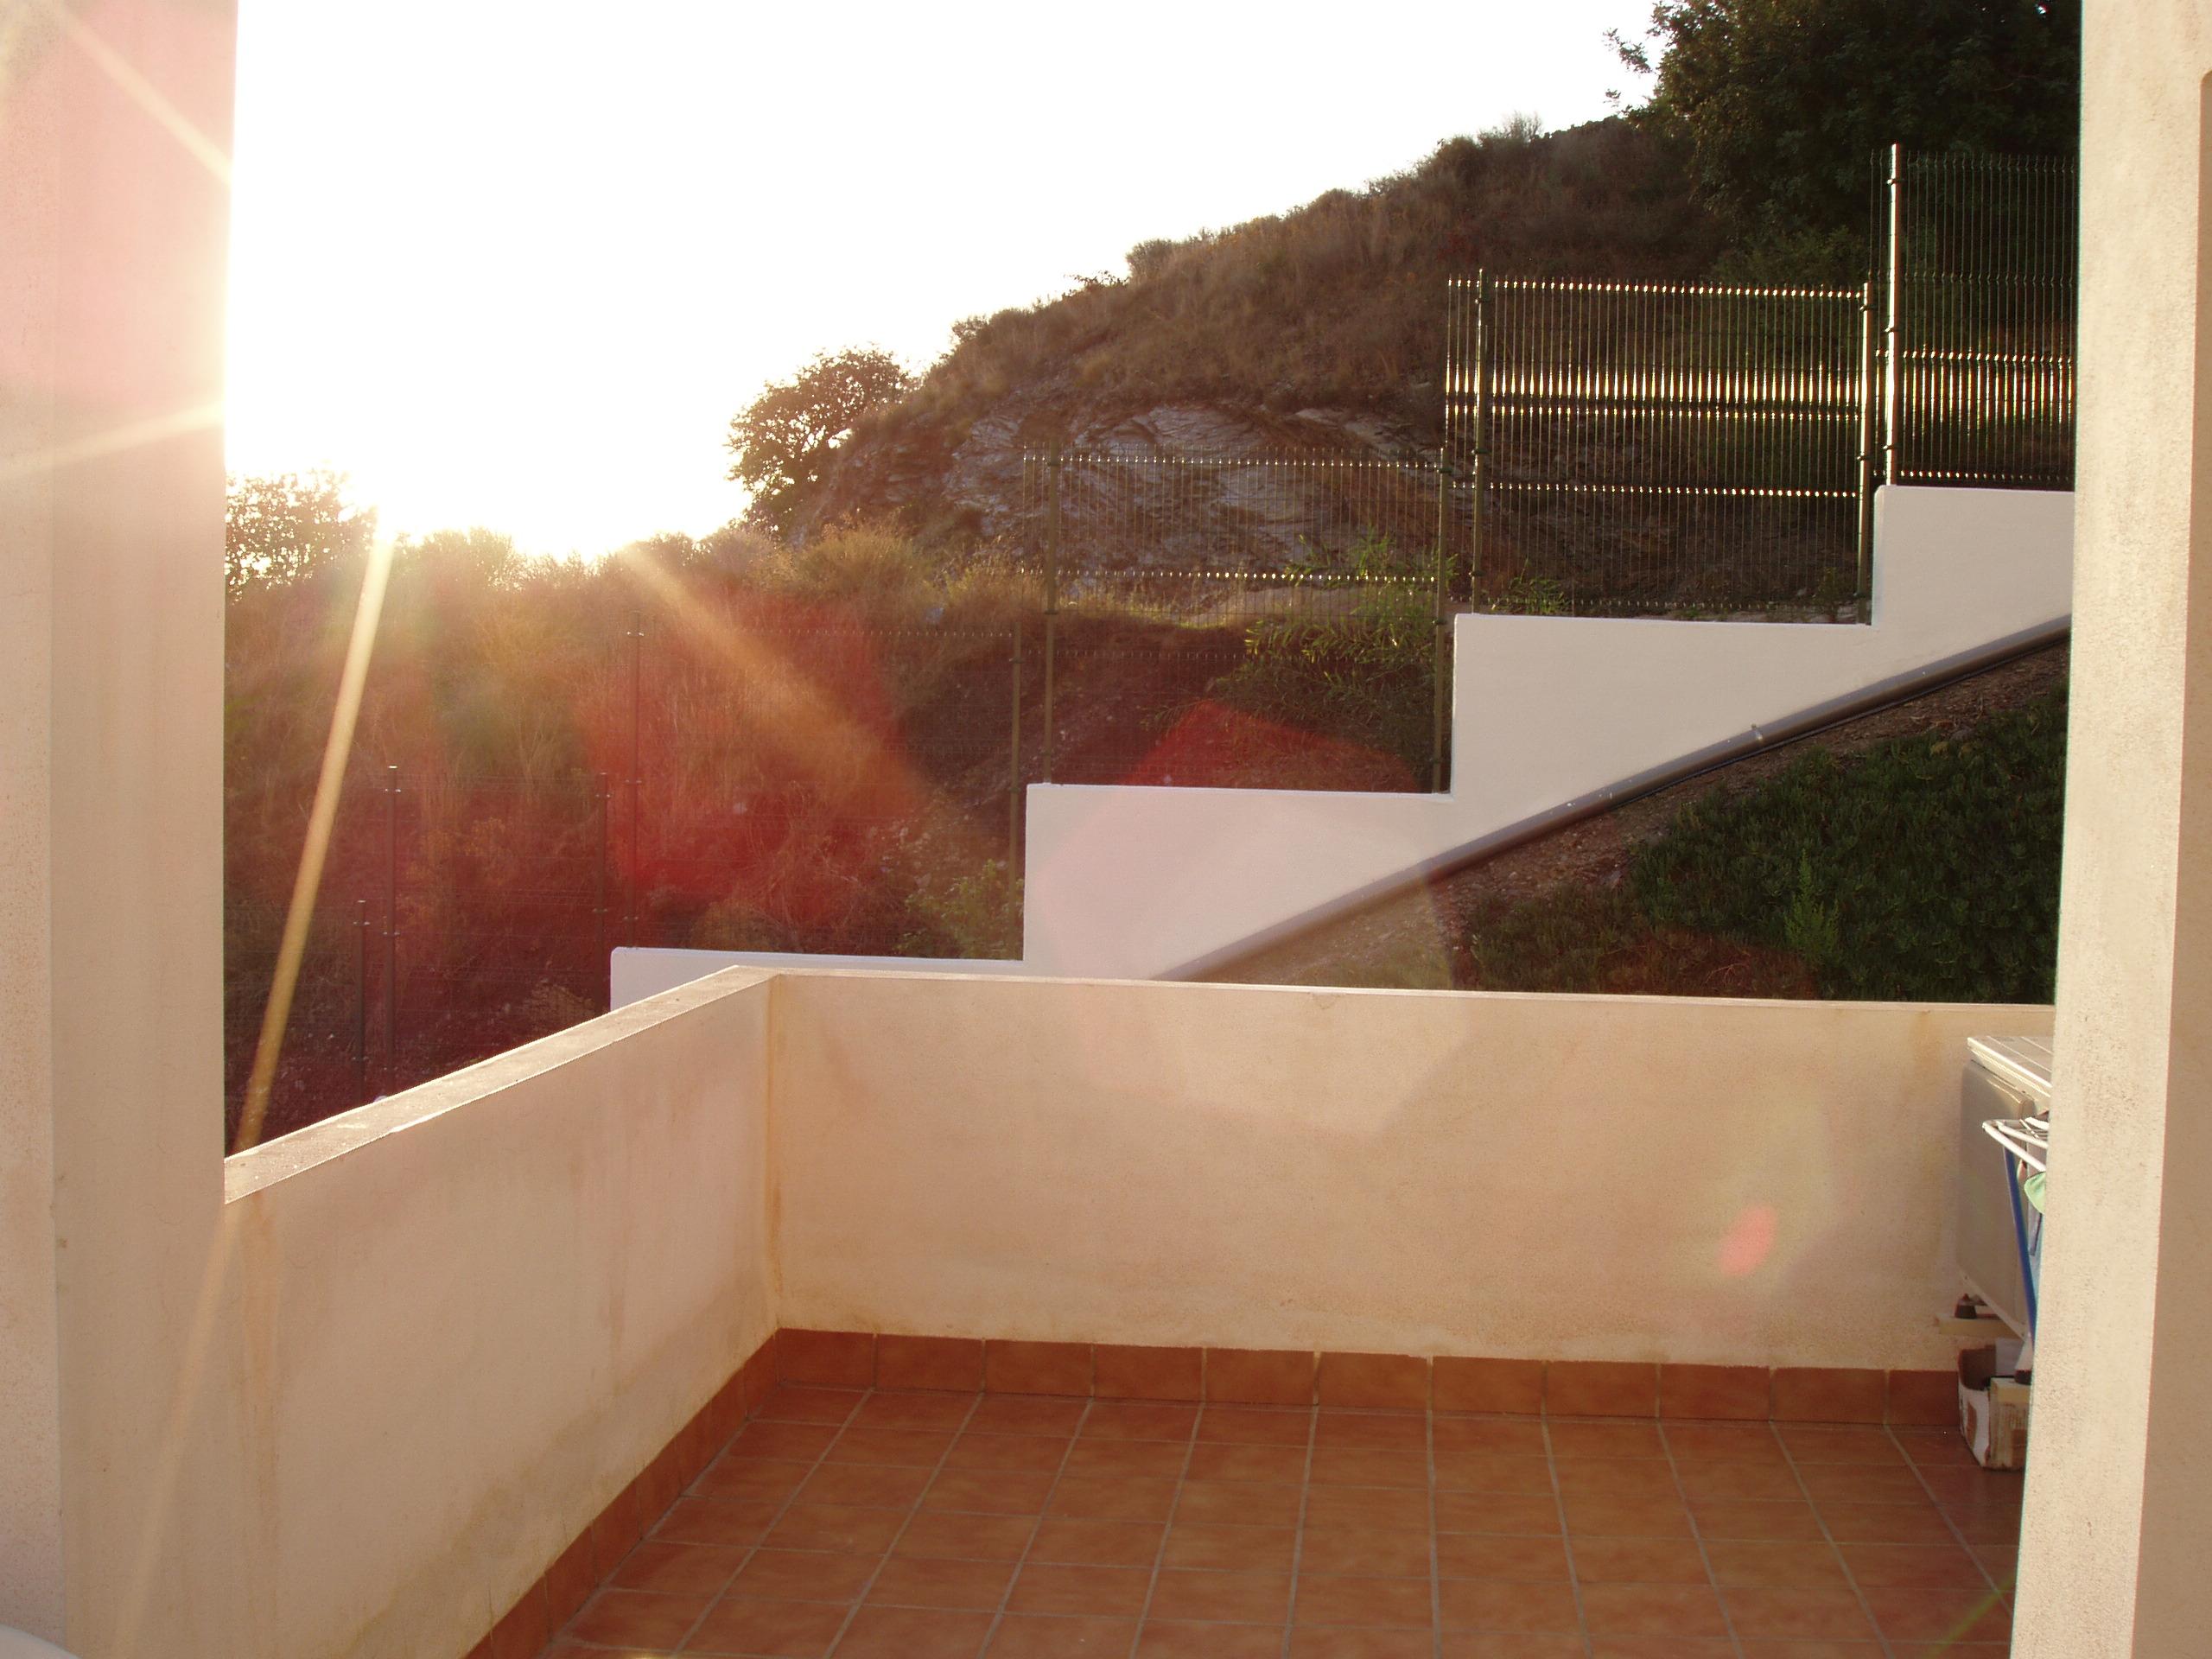 Ferienwohnung 3 Schlafzimmer Wohnung zu vermieten in Mojcar, Spanien (2388895), Mojacar, Costa de Almeria, Andalusien, Spanien, Bild 28